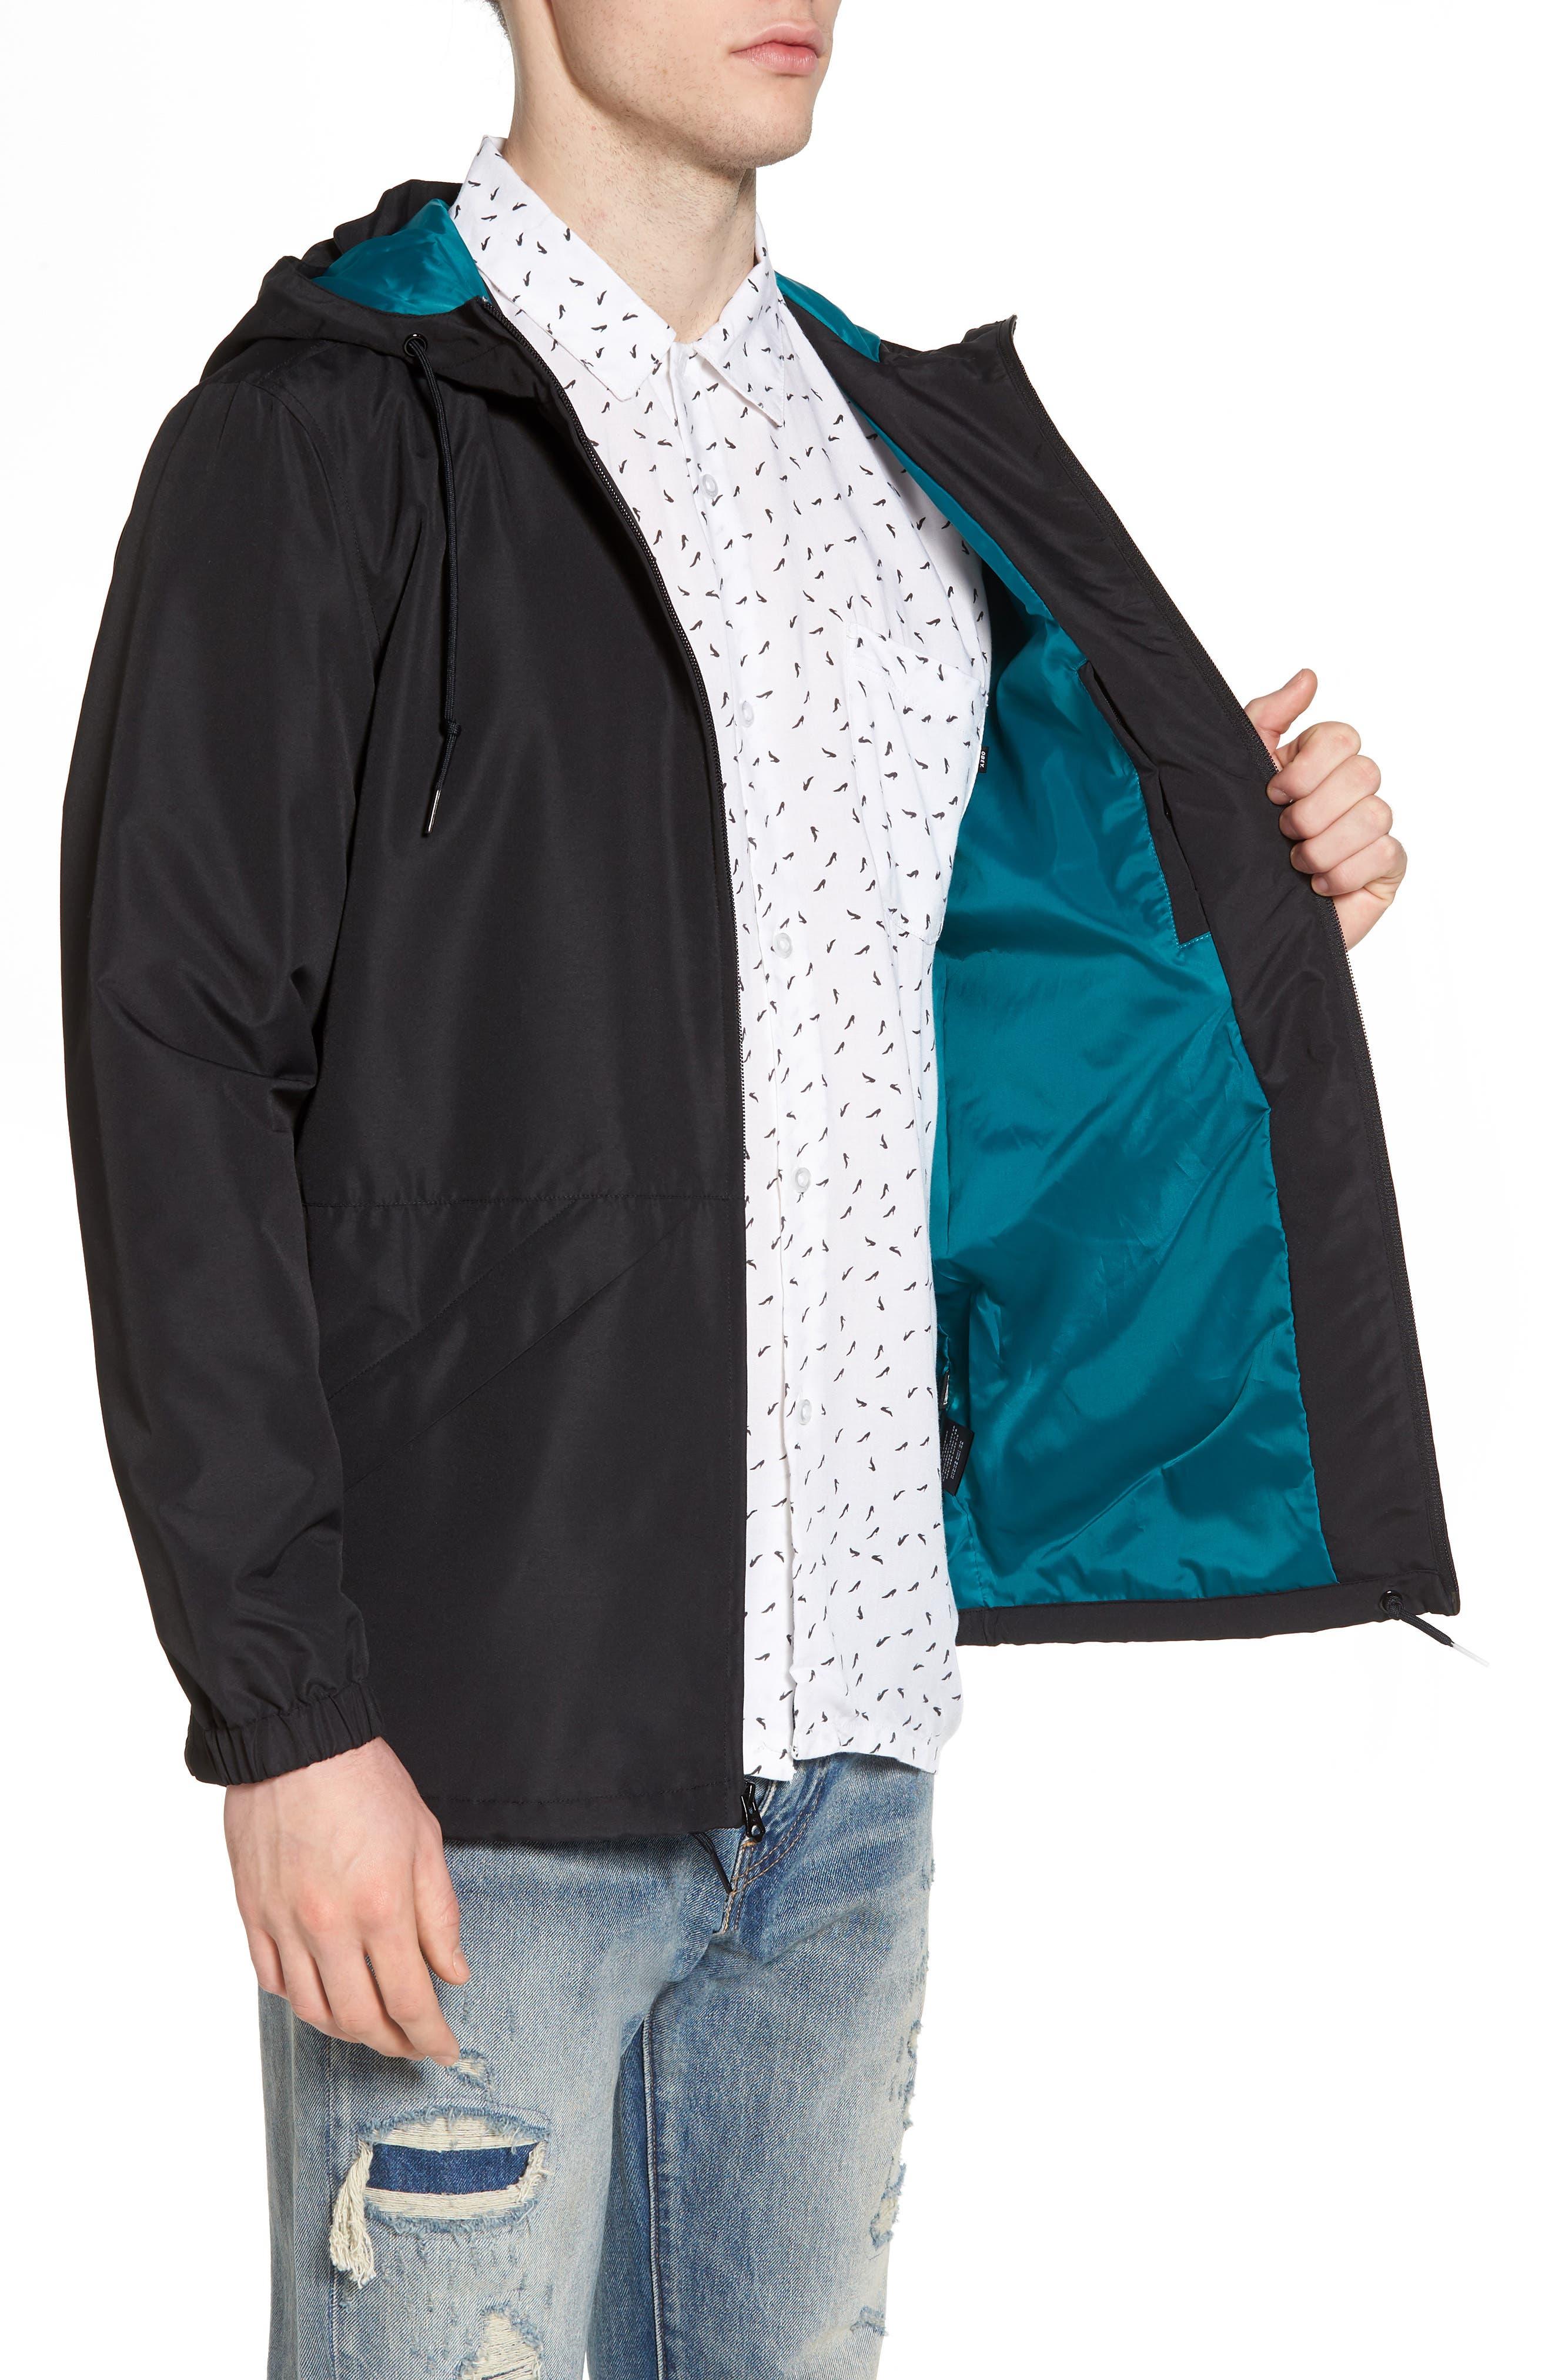 Ambush Hooded Jacket,                             Alternate thumbnail 3, color,                             001